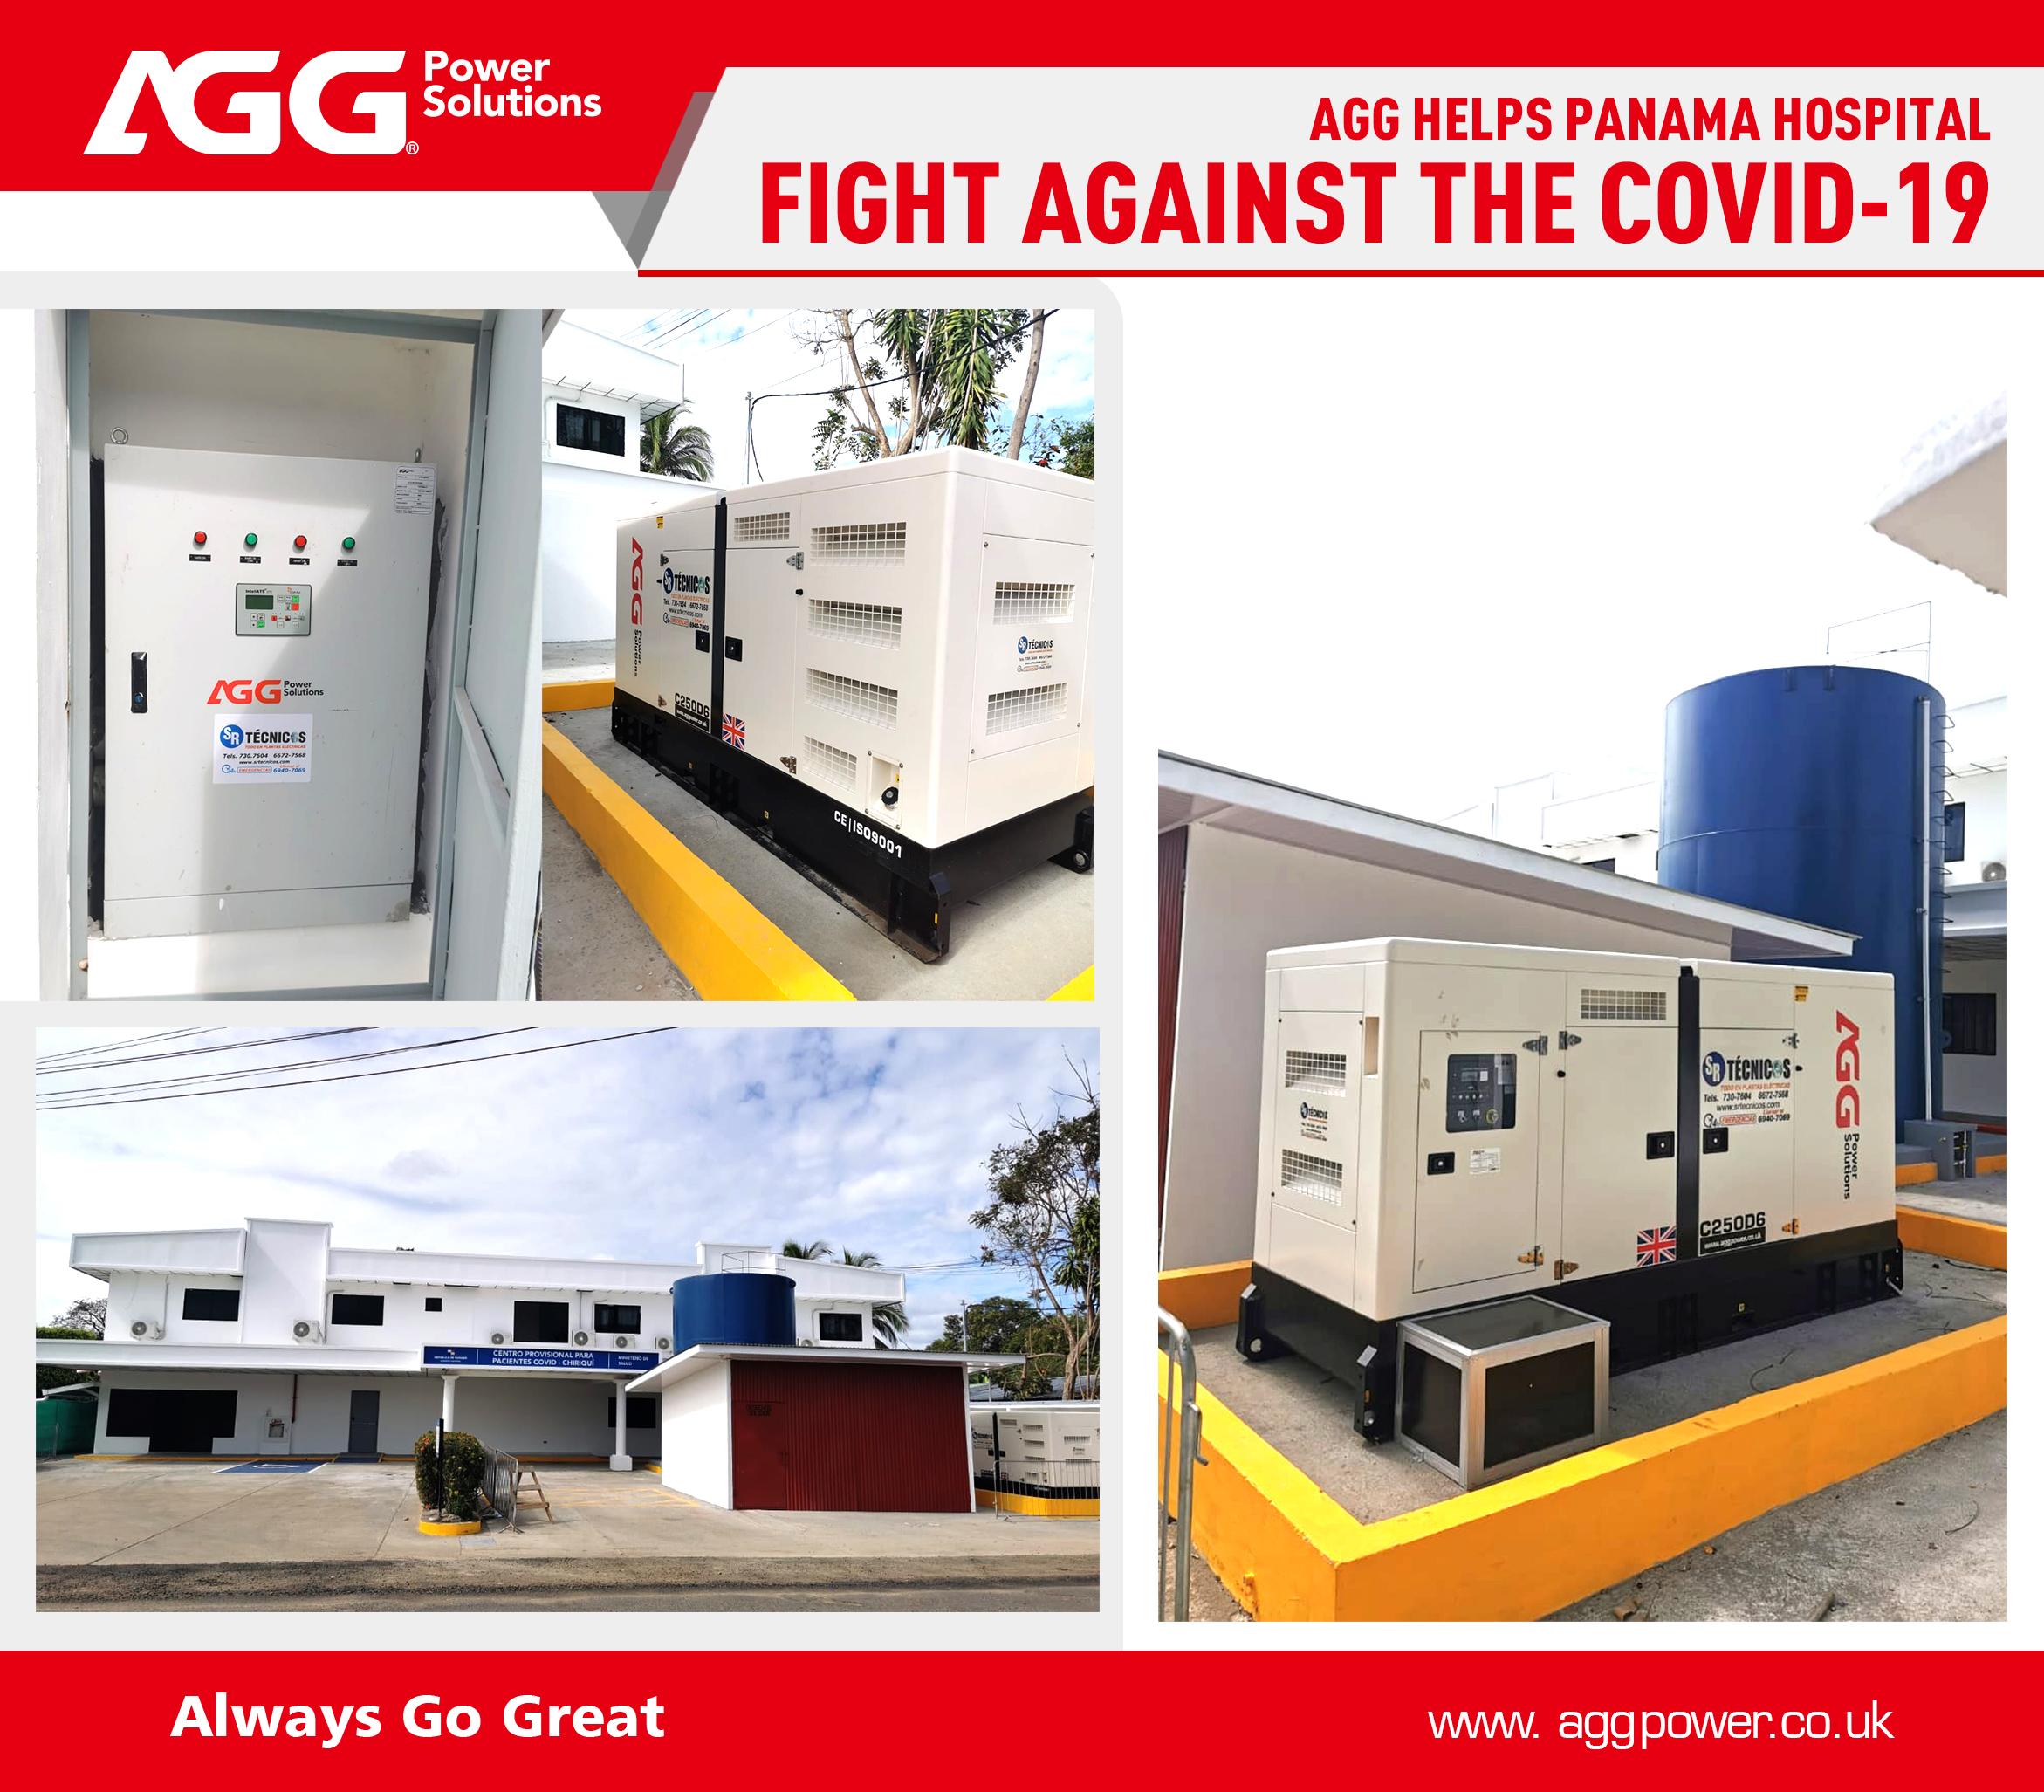 AGG C Series丨250kVA 60Hz丨Panama